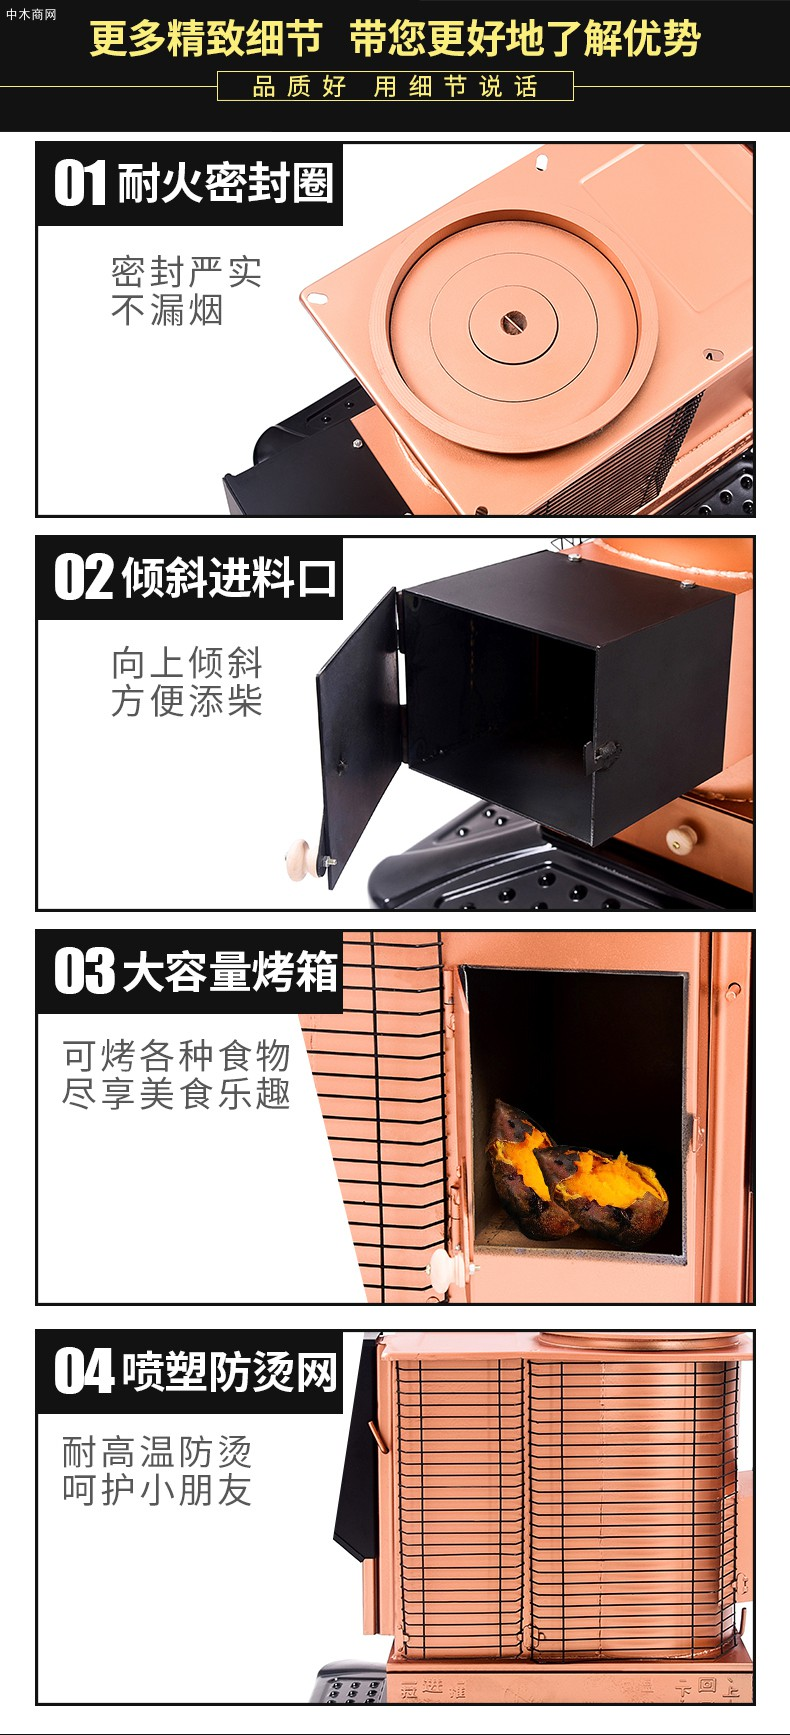 冬季加厚取暖炉烤火炉子,烧柴汽化炉,柴火炉,家用农村回风炉厂家